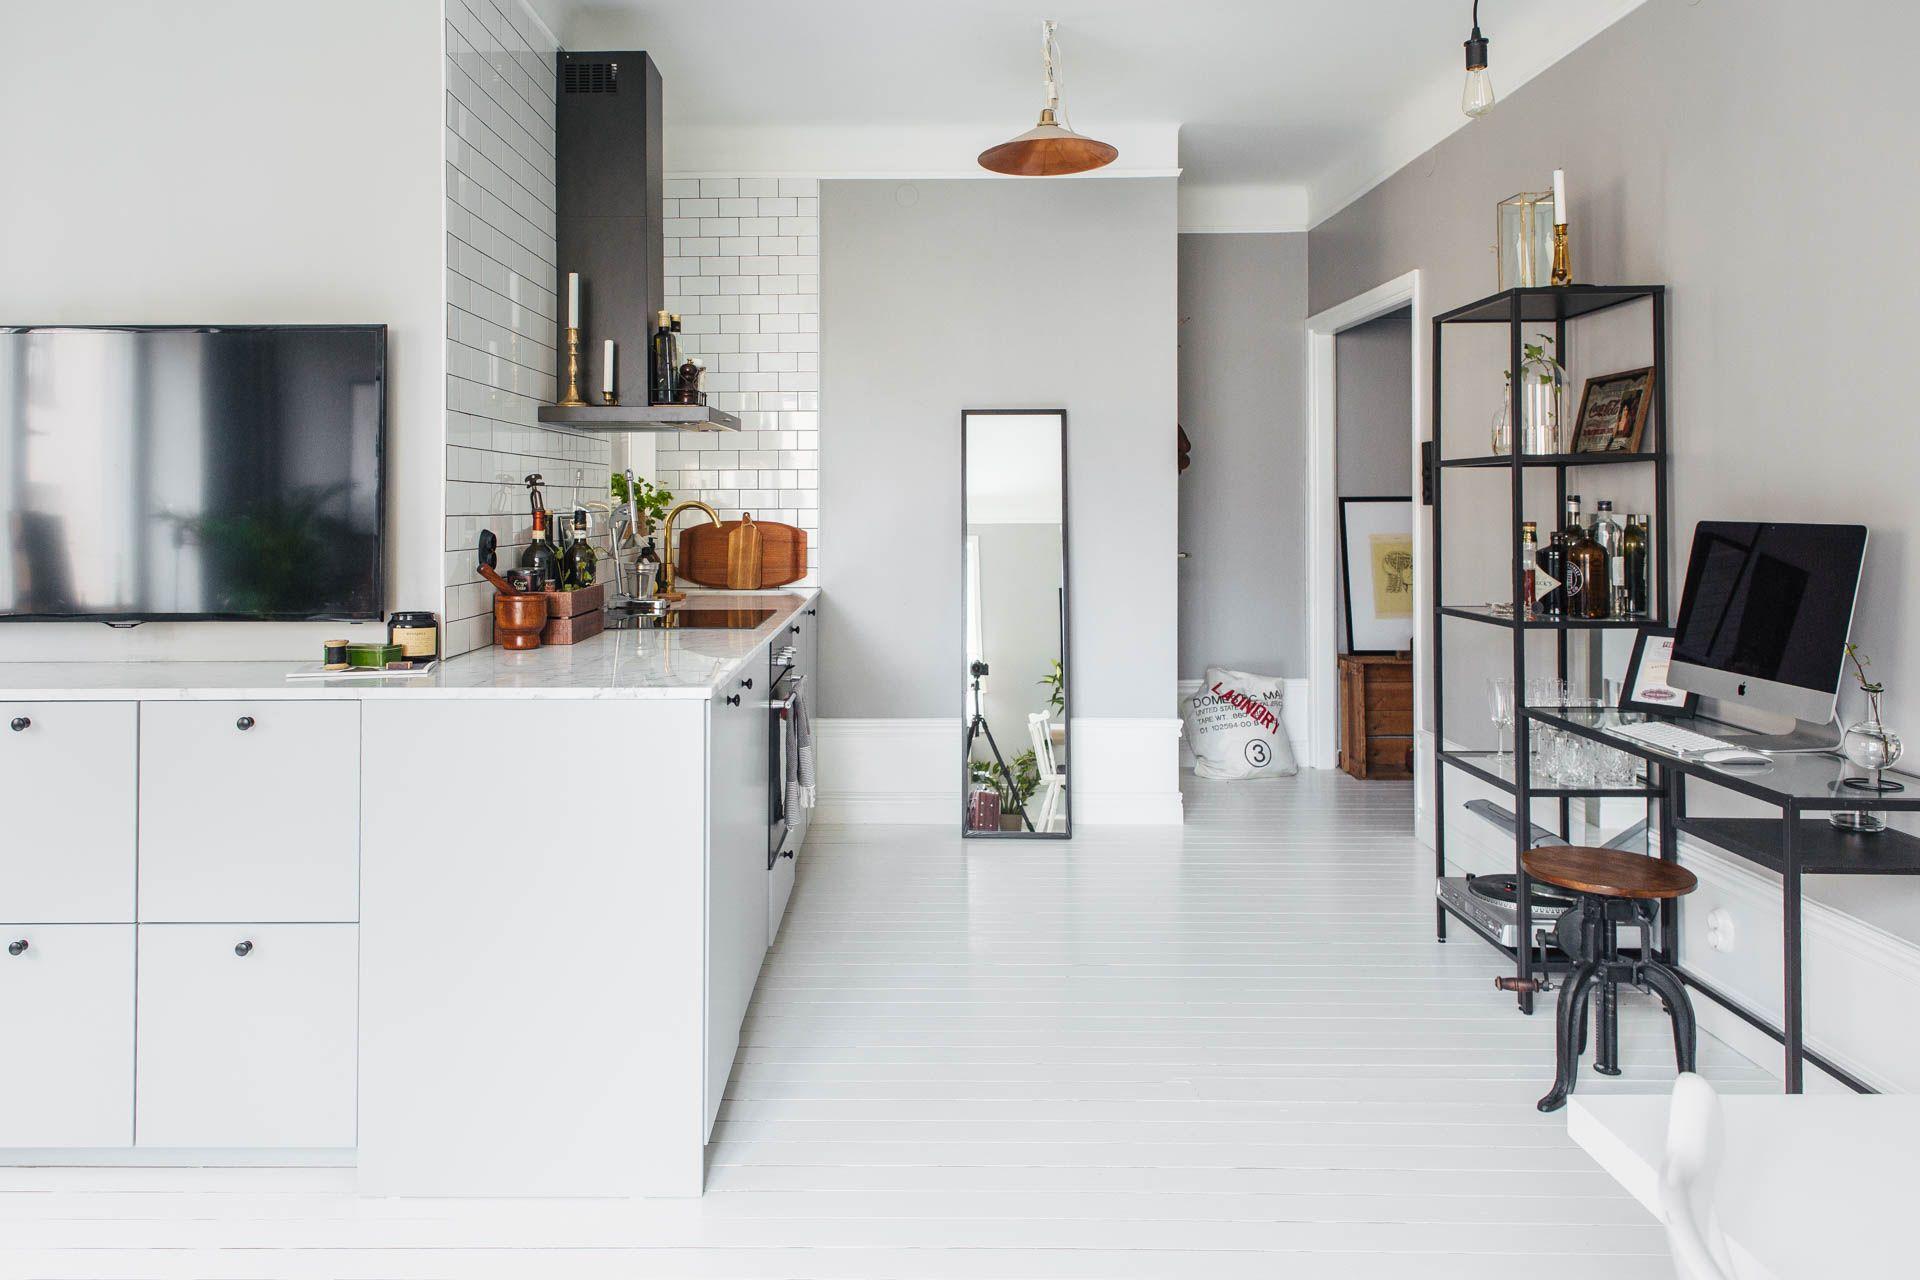 Woonkamer Keuken Kleine : Keuken tv meubel combinatie in een kleine l vormige woonkamer